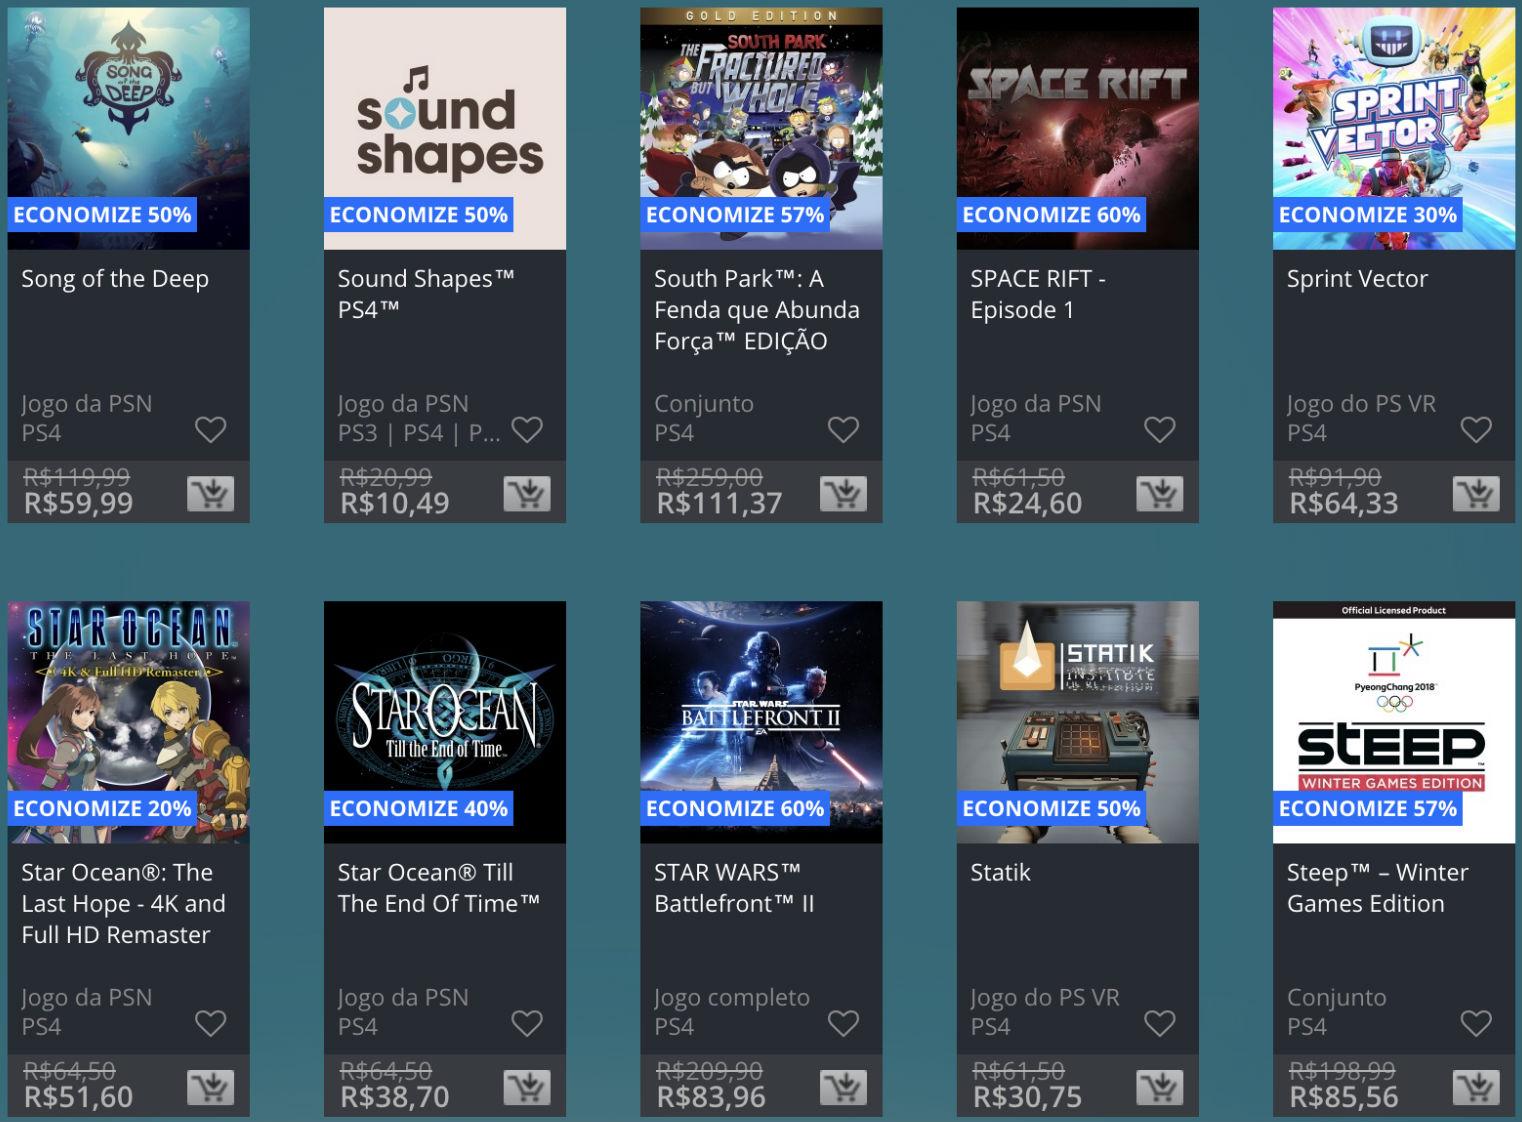 Promoção de Meio do Ano na PS Store com mais de 600 itens com preços que variam de R$ 10 a R$ 200 20